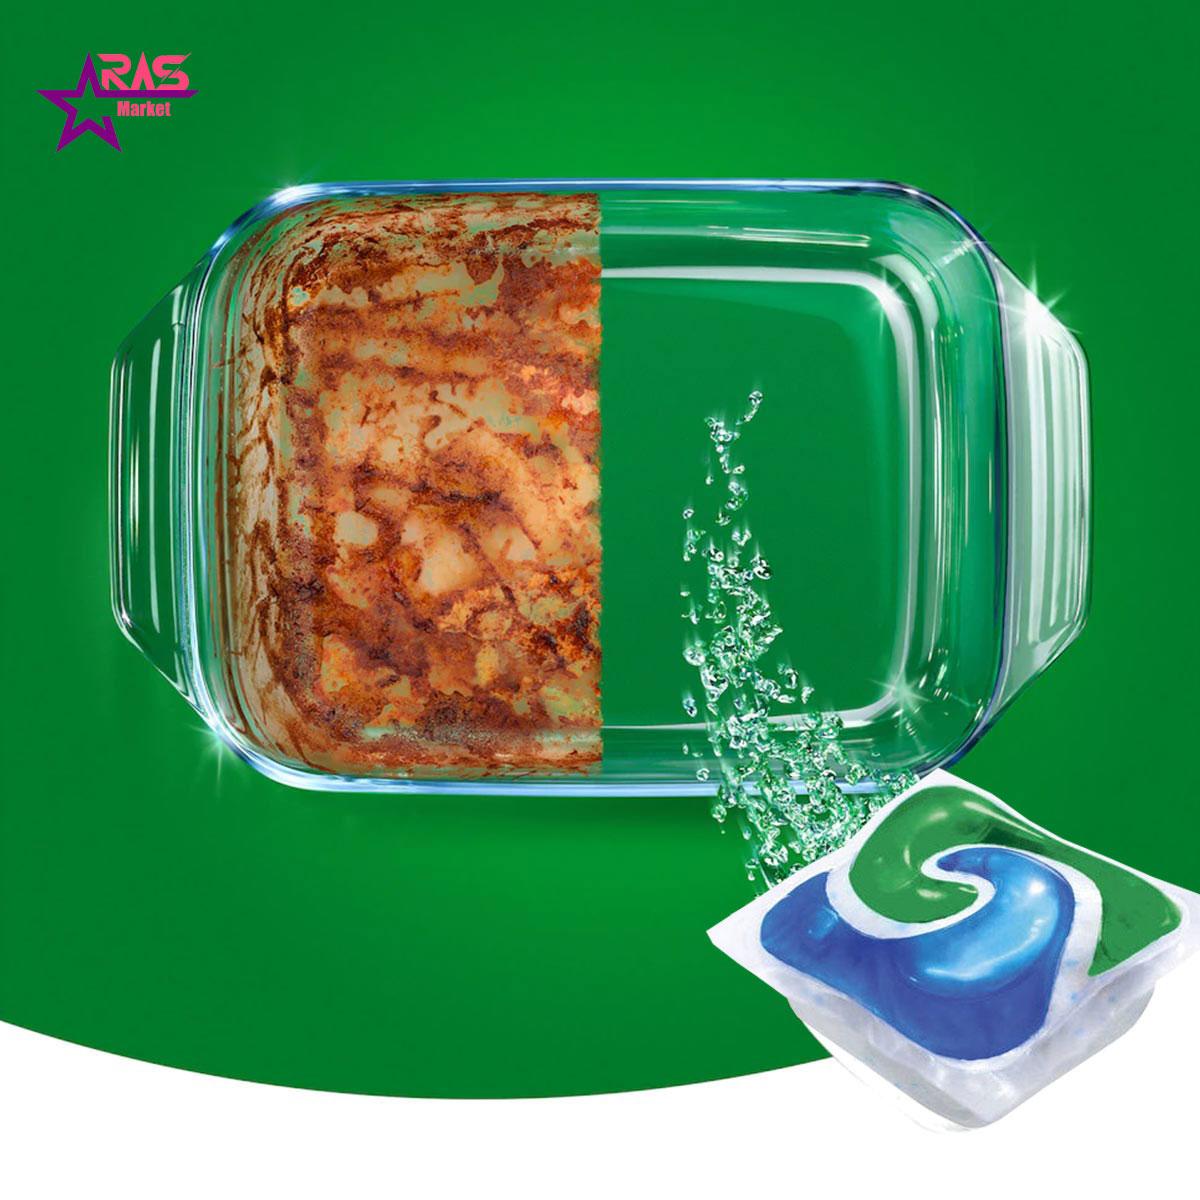 قرص ماشین ظرفشویی فیری جار 115 عددی ، خرید اینترنتی محصولات شوینده و بهداشتی ، بهداشت خانه ، محصولات ظرفشویی